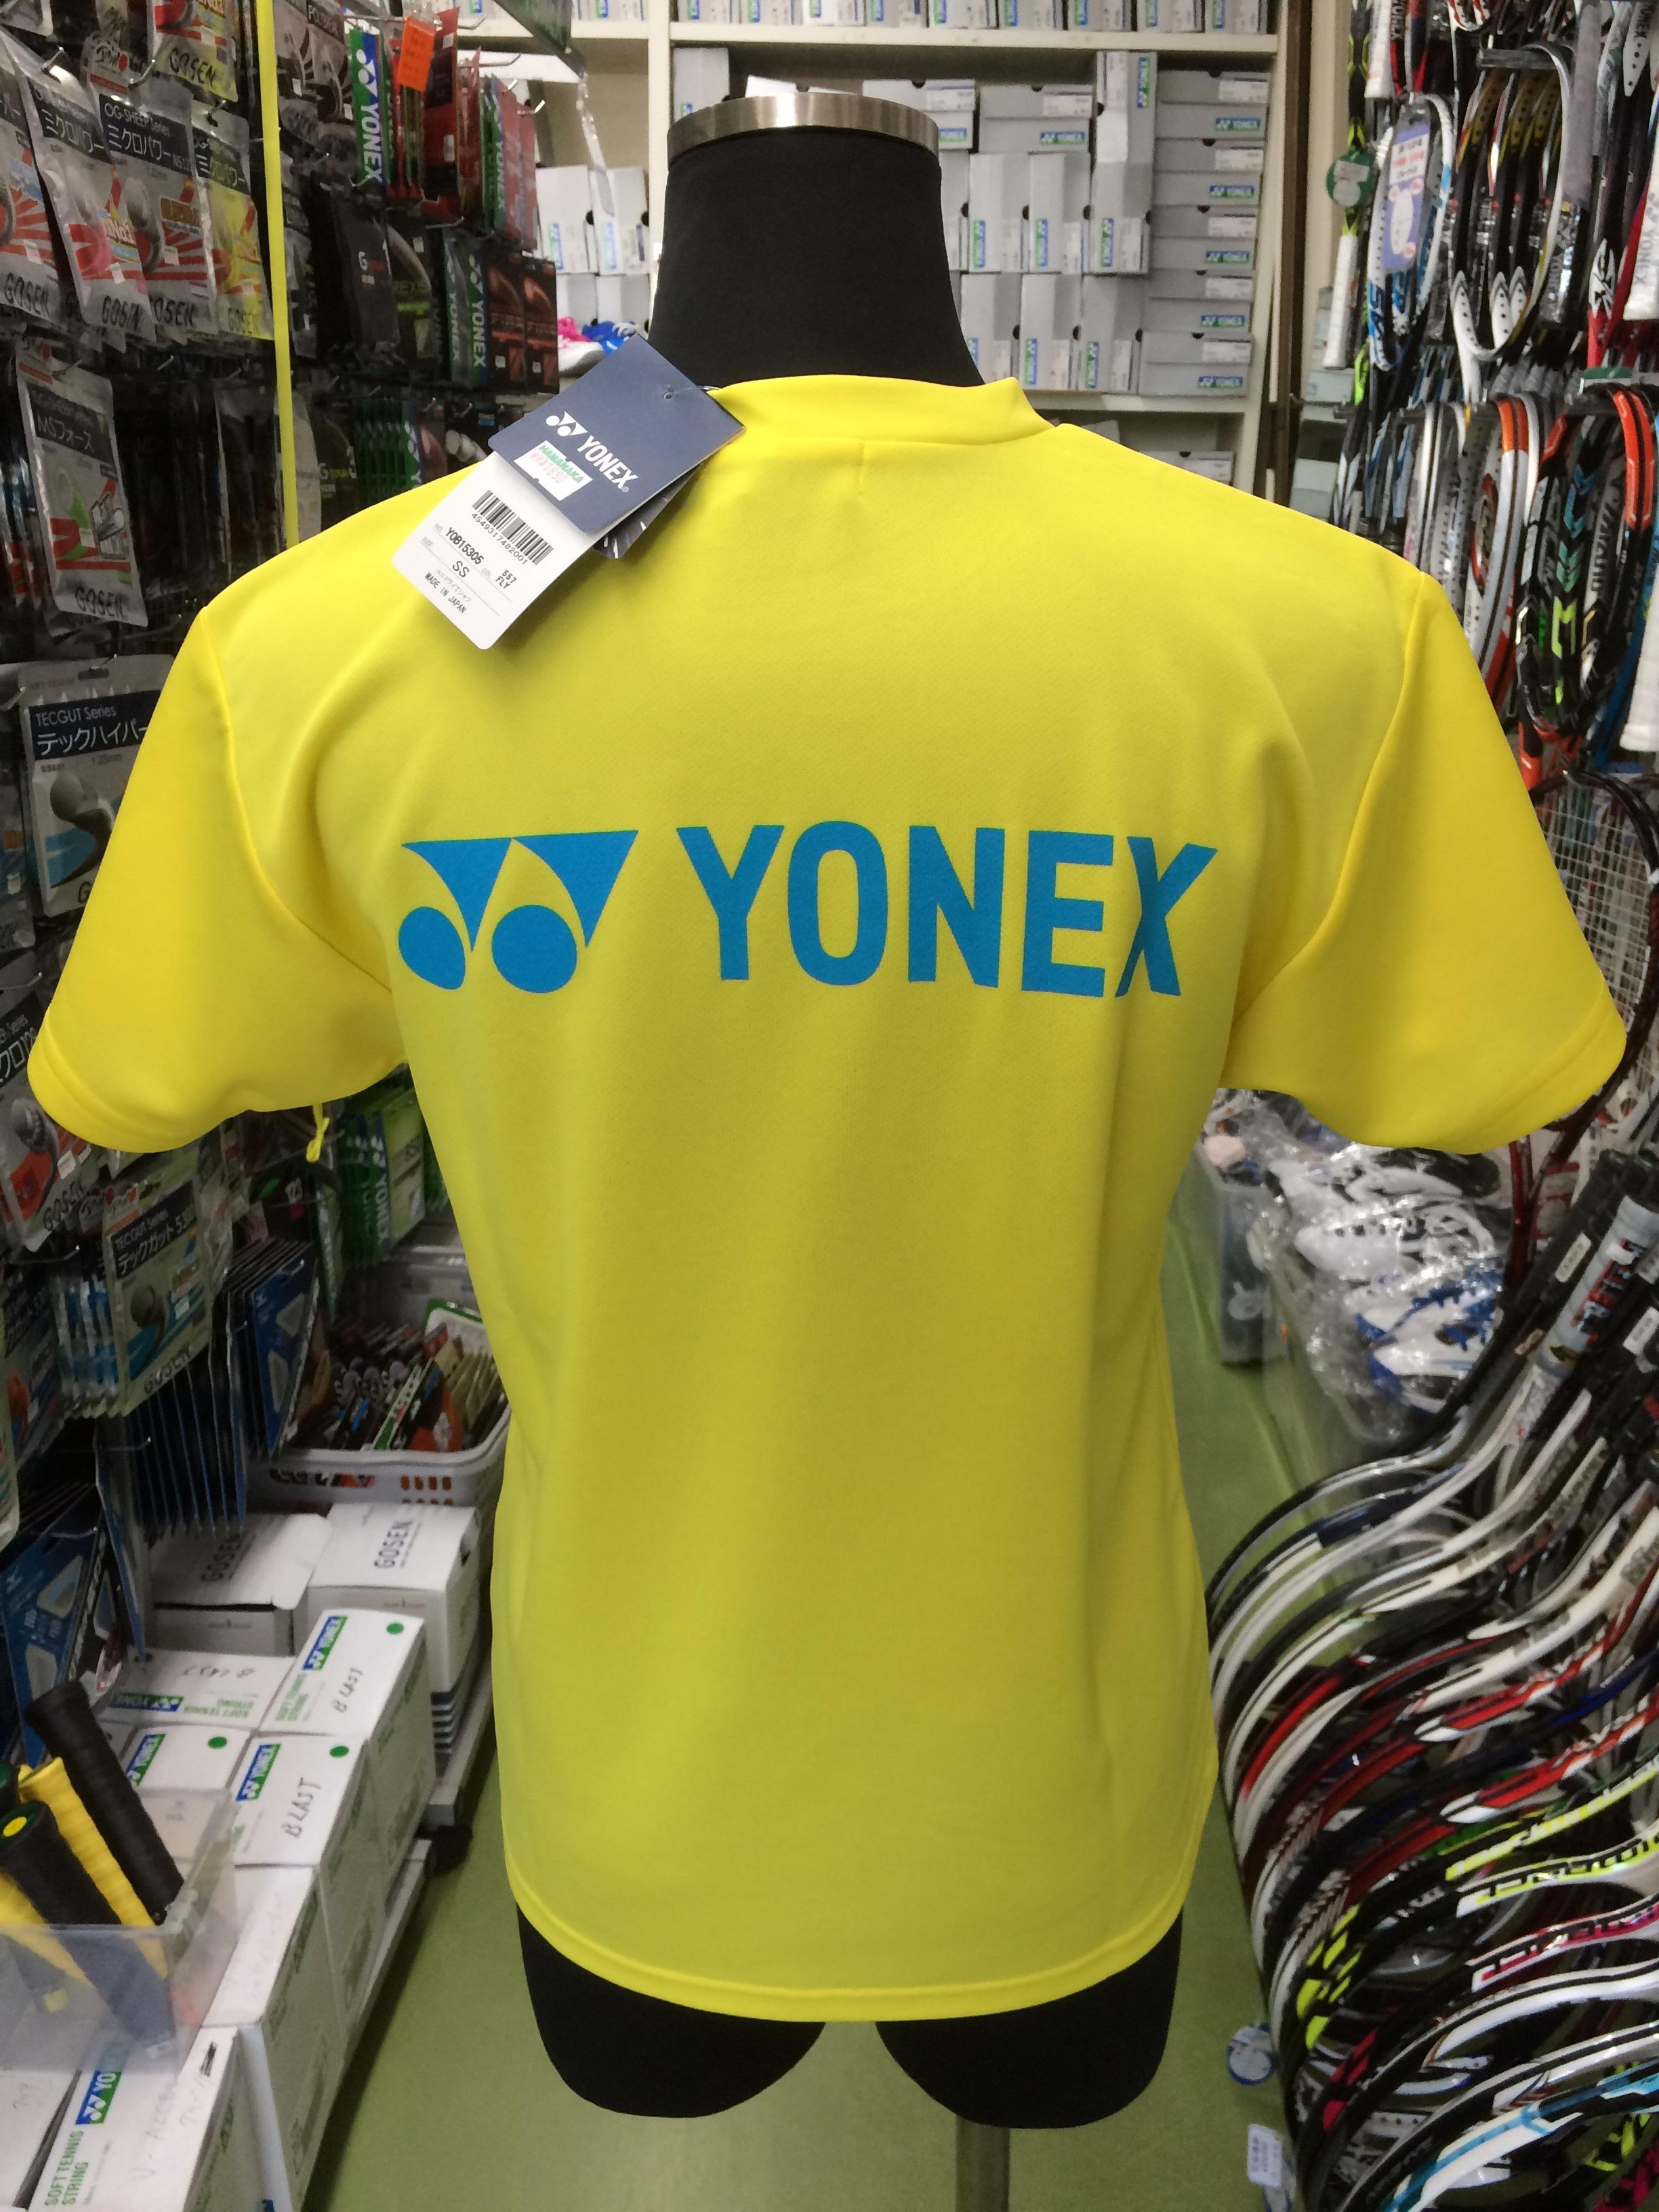 ヨネックス ユニドライTシャツ YOB15305 - 画像5